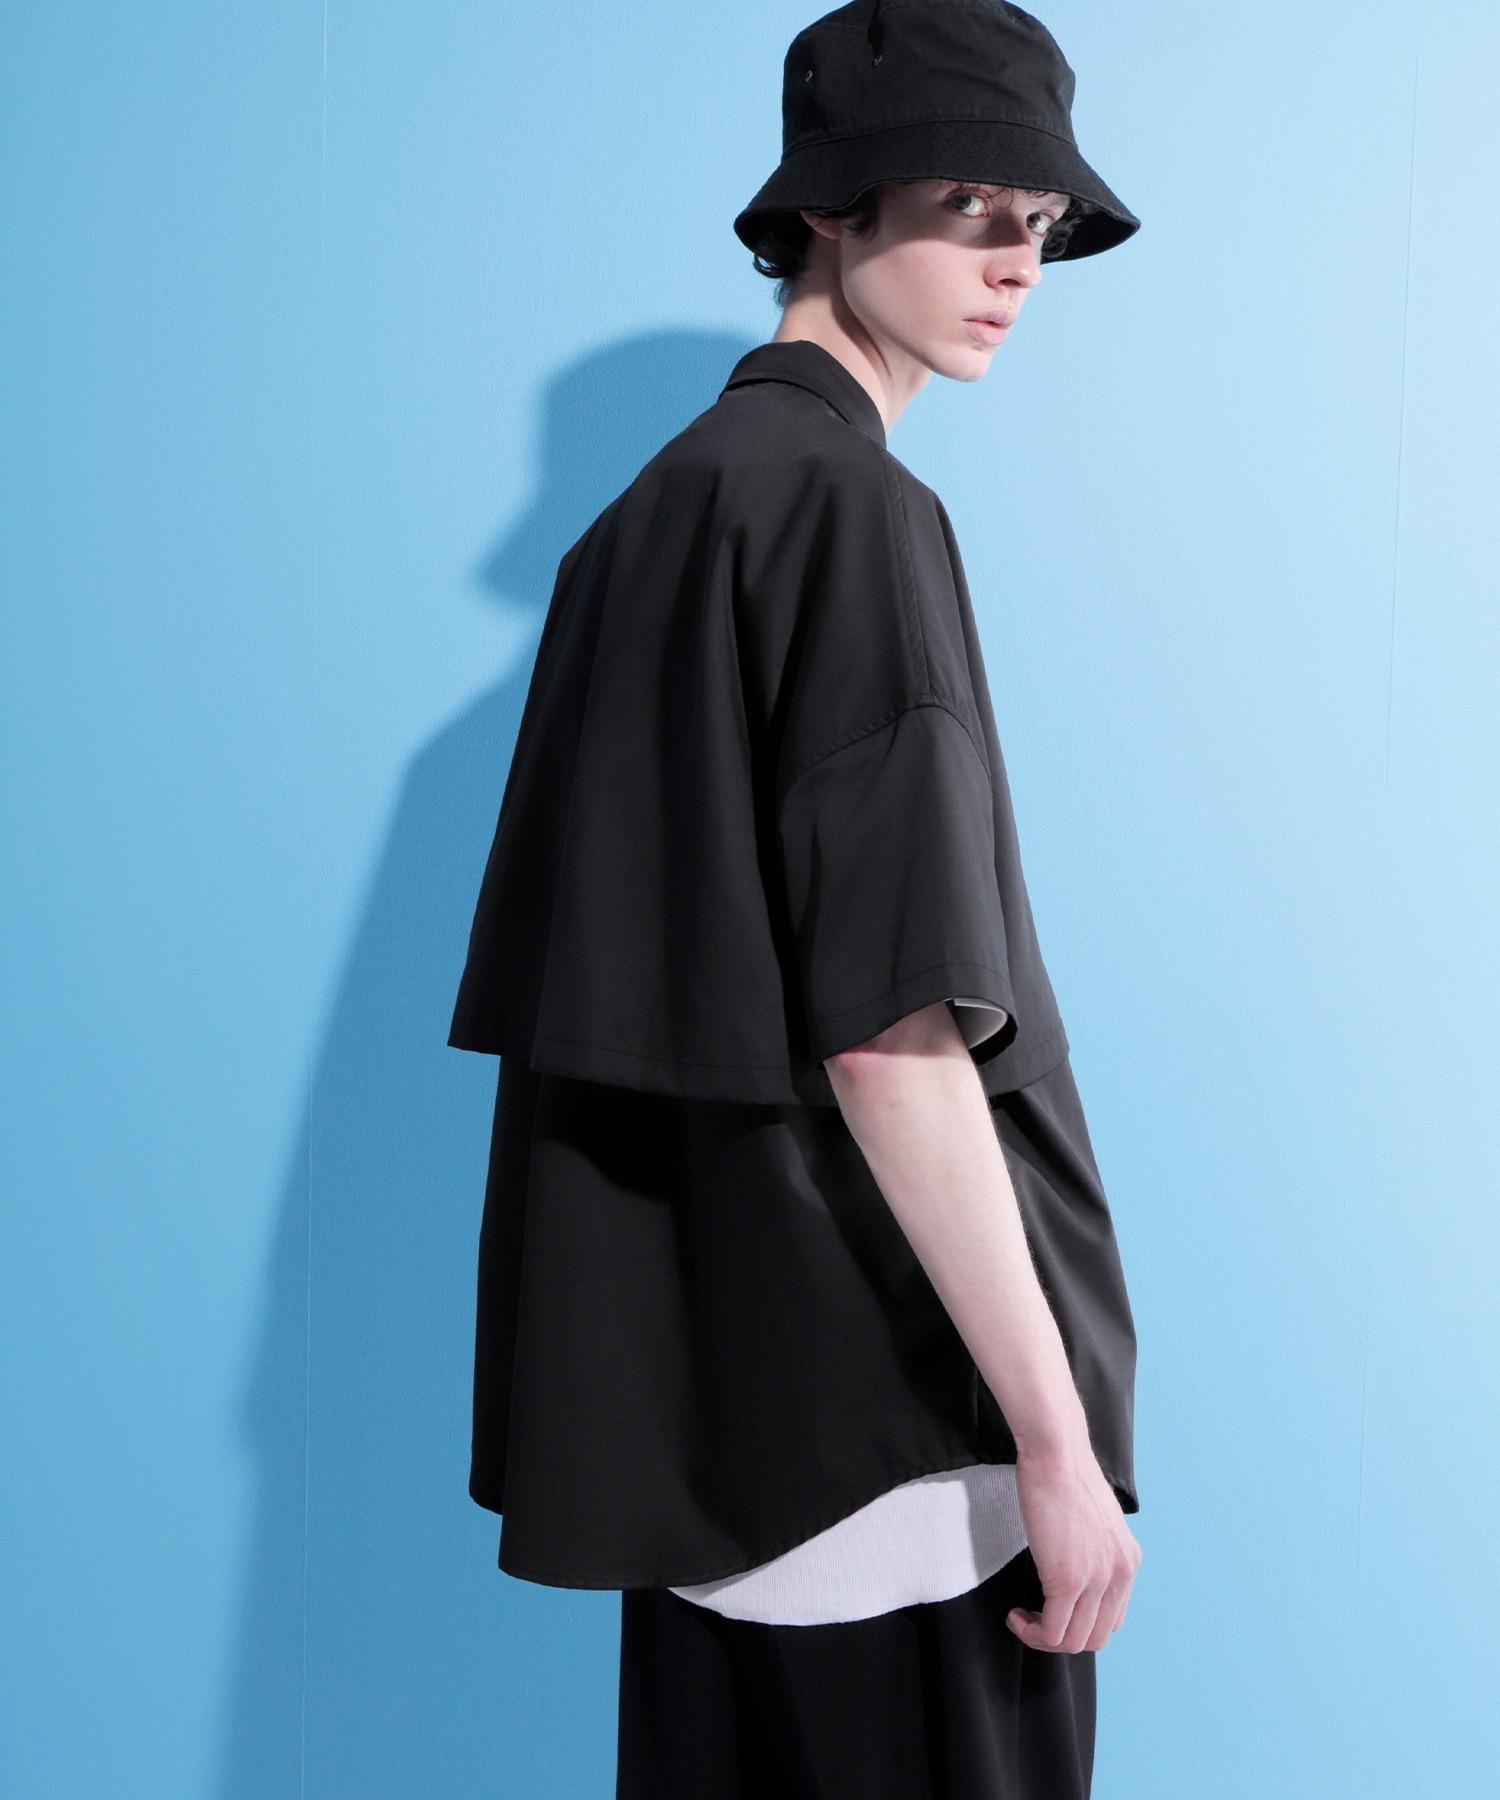 ヨークトレンチレイヤードワイドシャツ 1/2 sleeve(EMMA CLOTHES)